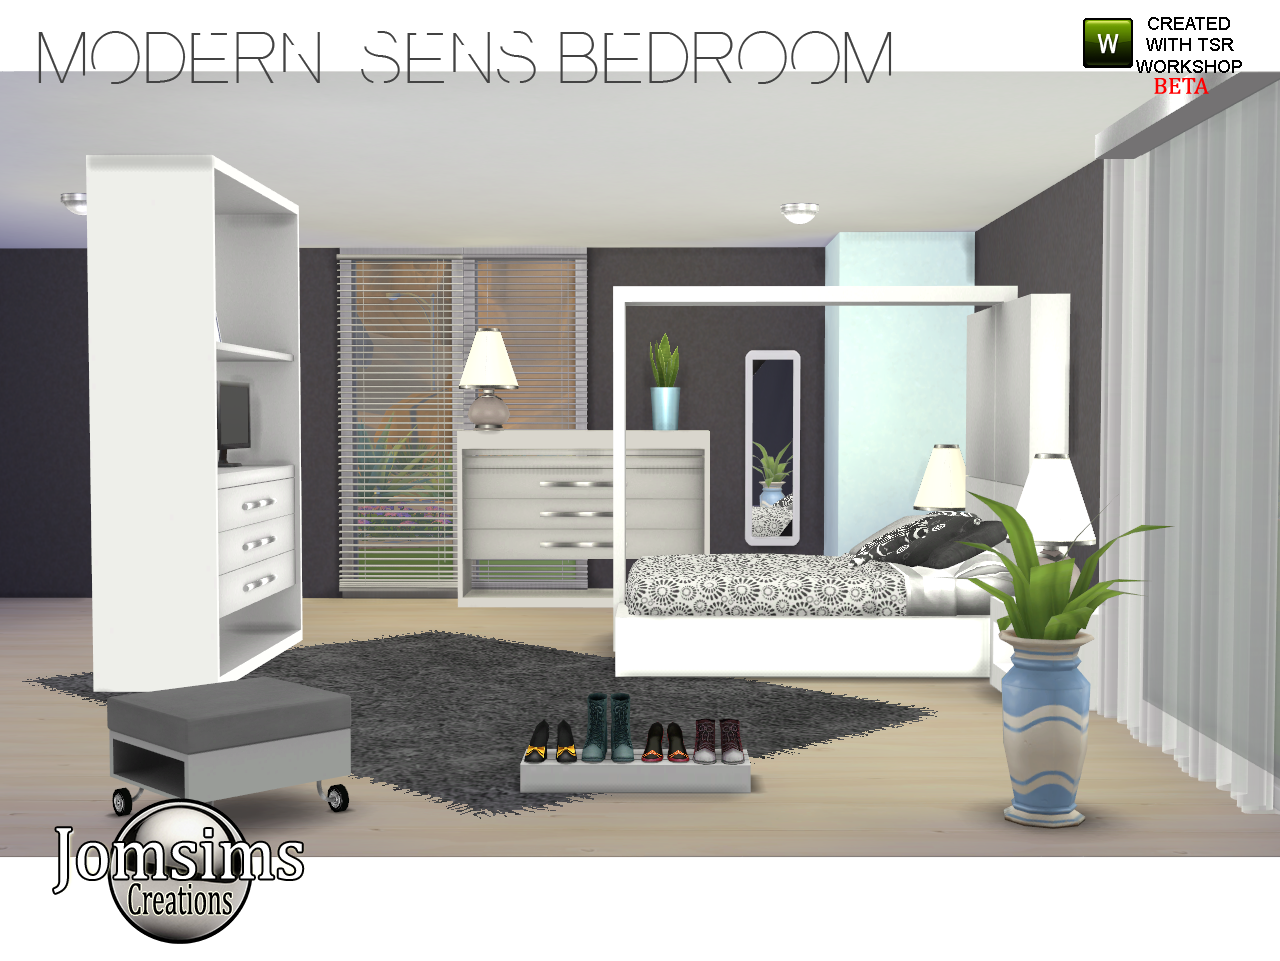 Jomsimscreations blog new bedroom modern sens sims 4 for Sims 3 salon moderne